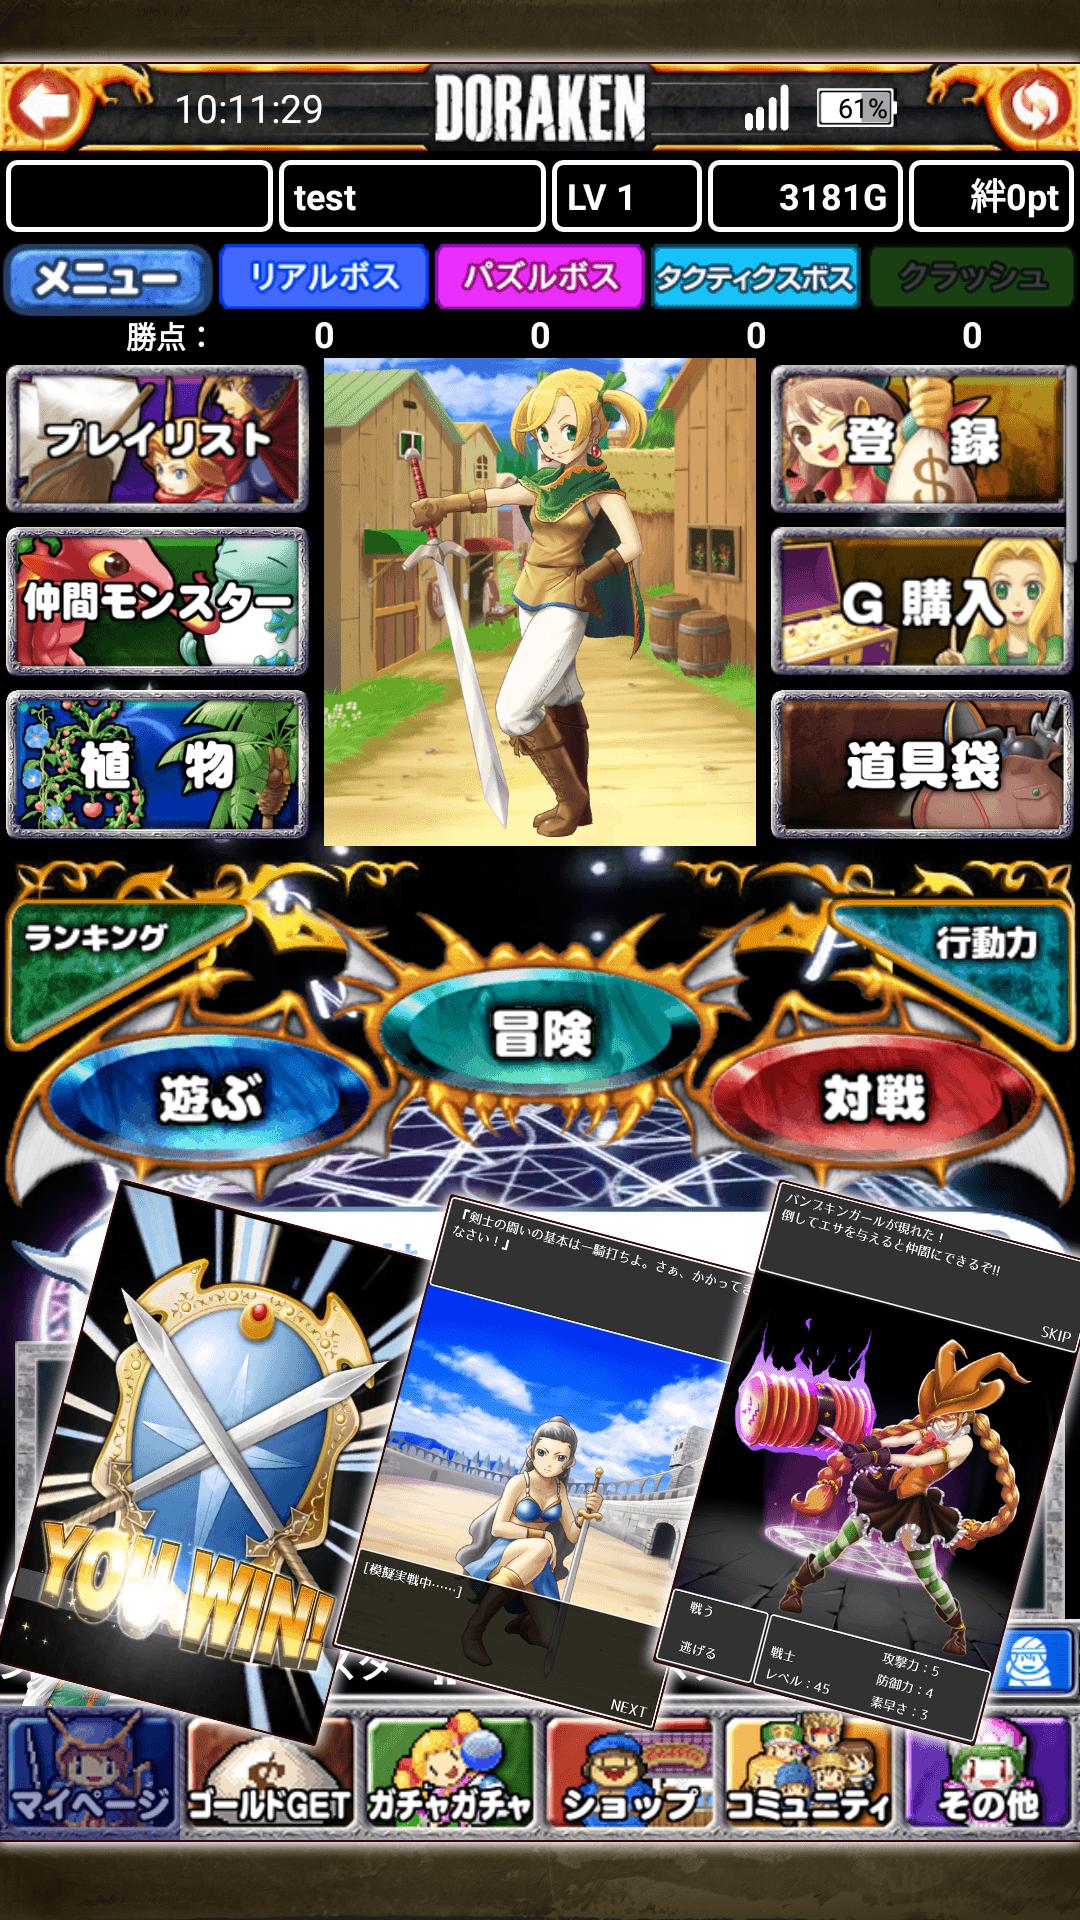 お小遣い×RPG☆RPGゲームでお小遣い稼ぎ!ポイント稼げるアプリ【Card RPG】 5.7.6 Screenshot 6